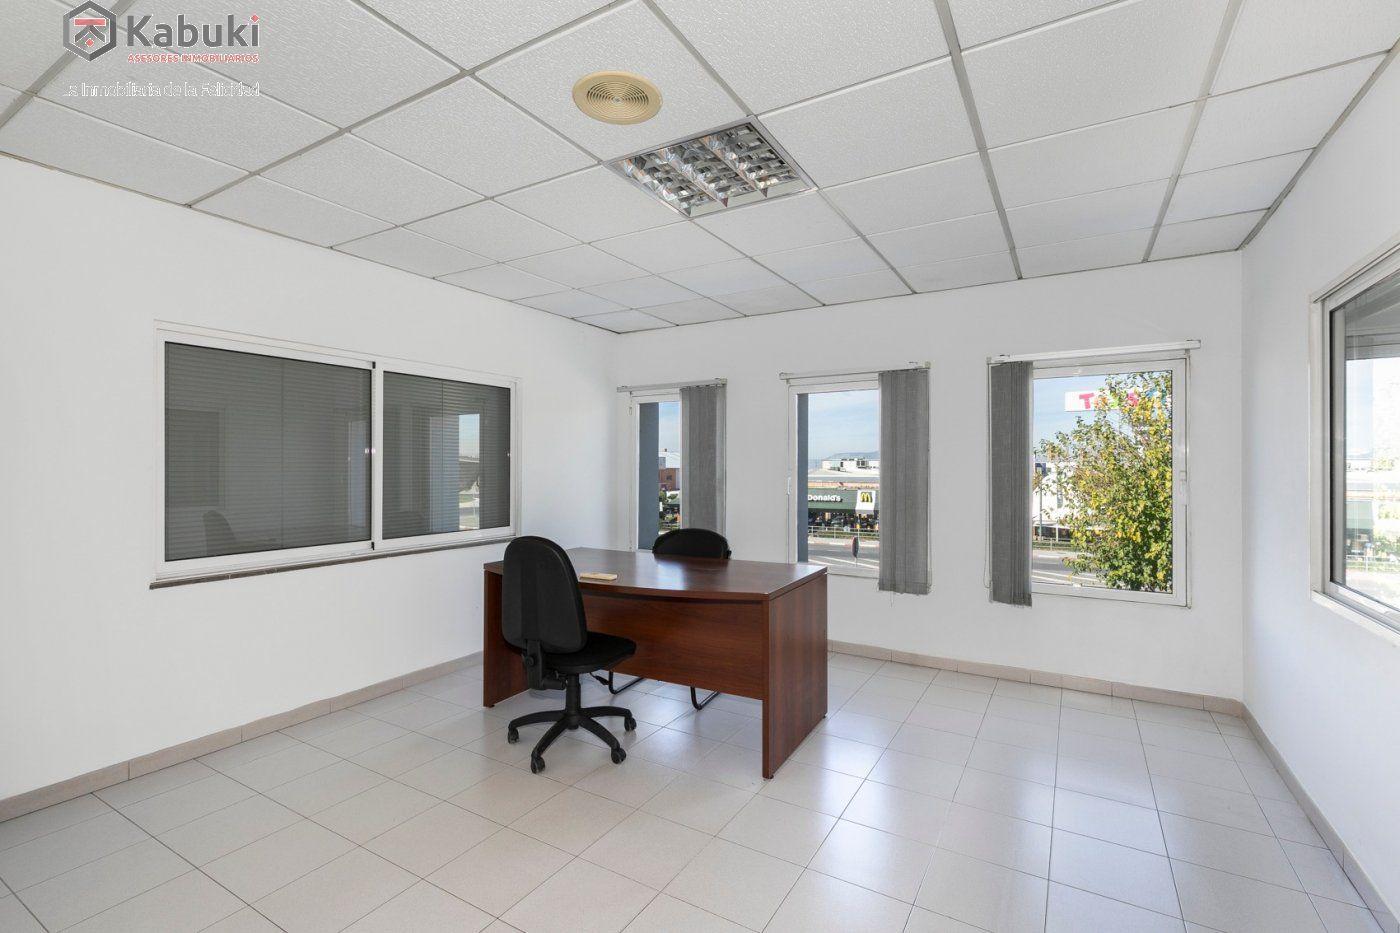 Magnífica oficina luminosa con un inmejorable acceso desde la circunvalación - imagenInmueble1